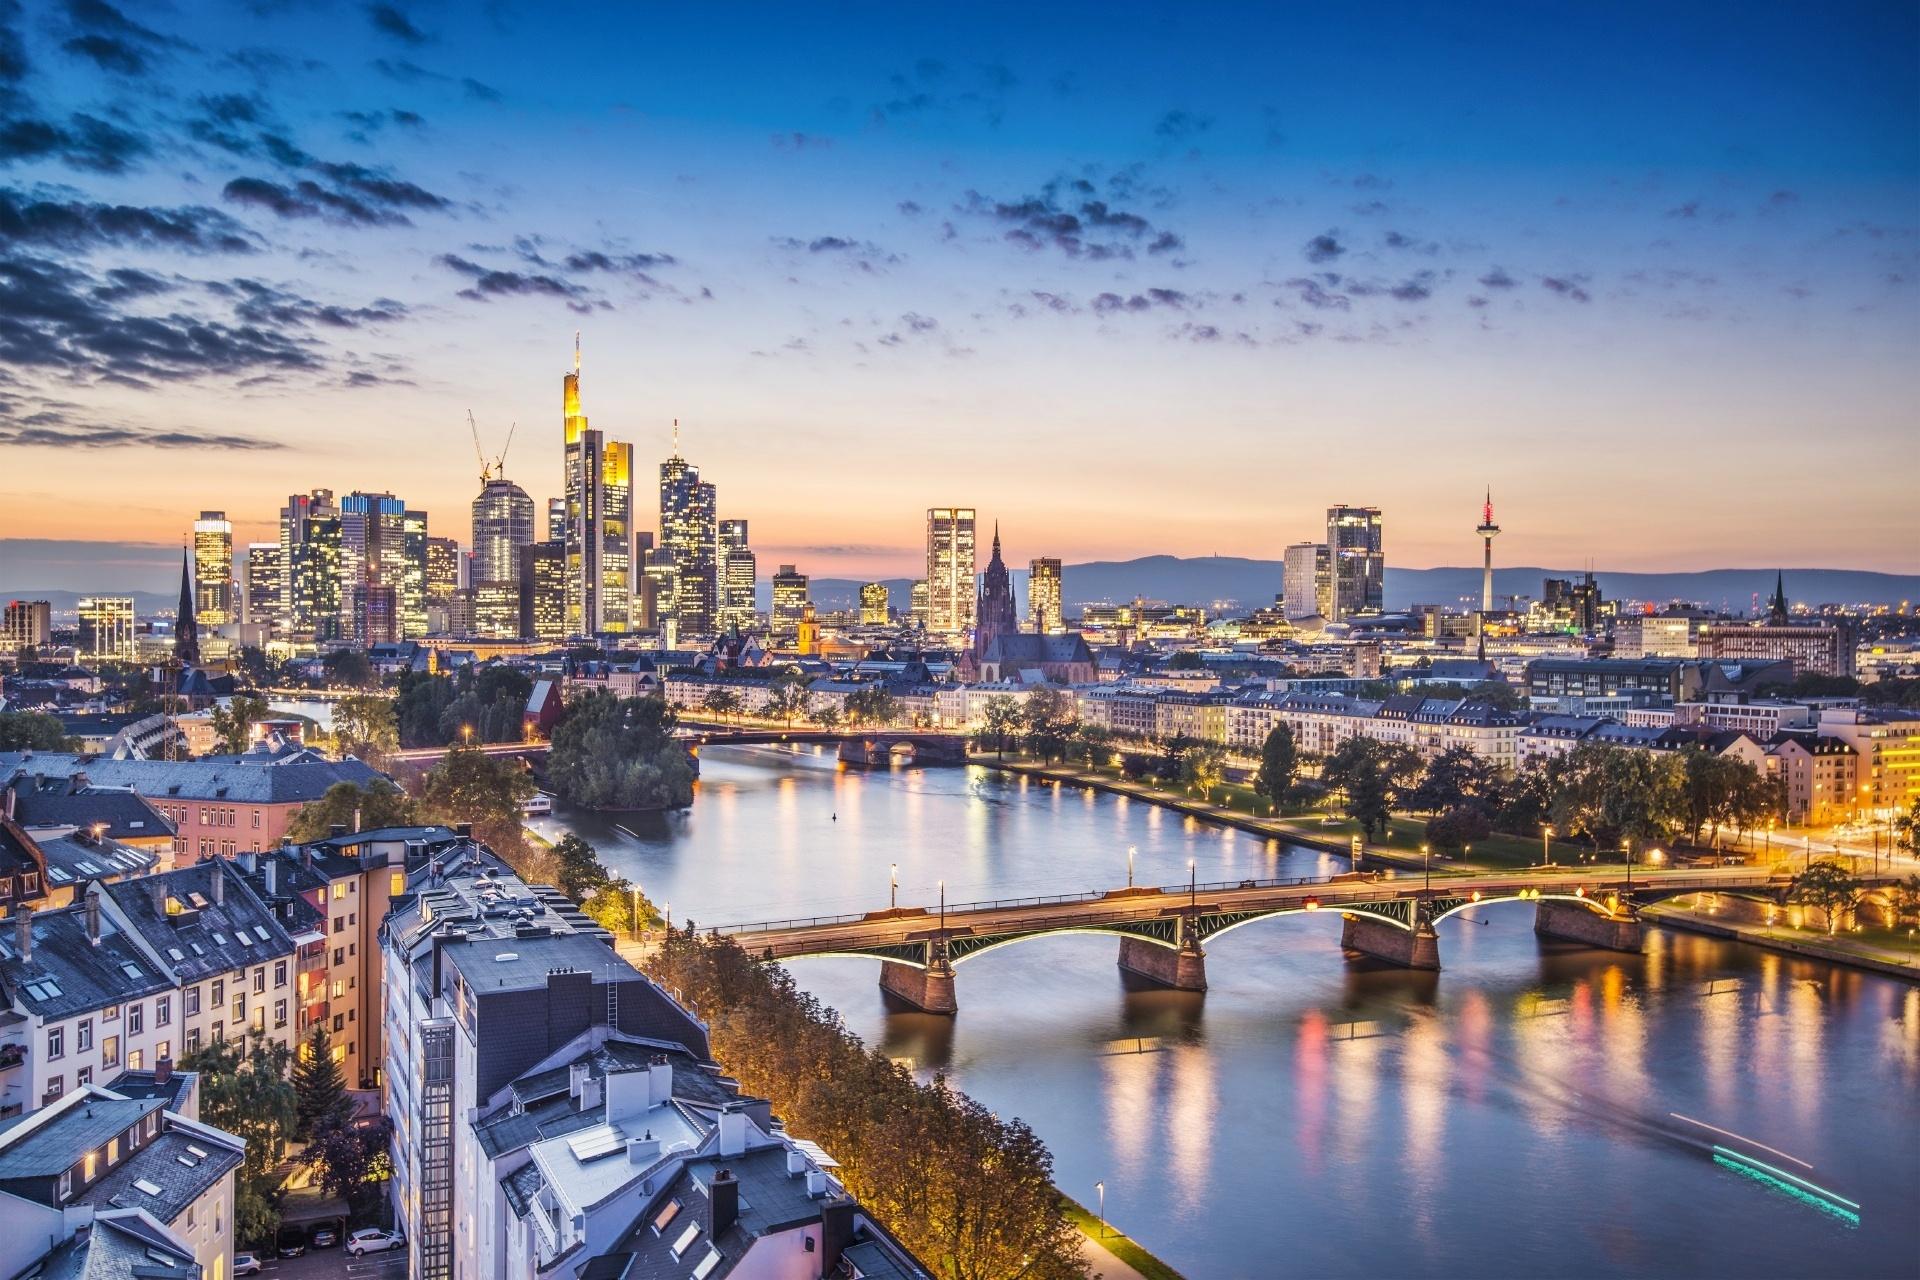 フランクフルトのトワイライト風景 ドイツの風景